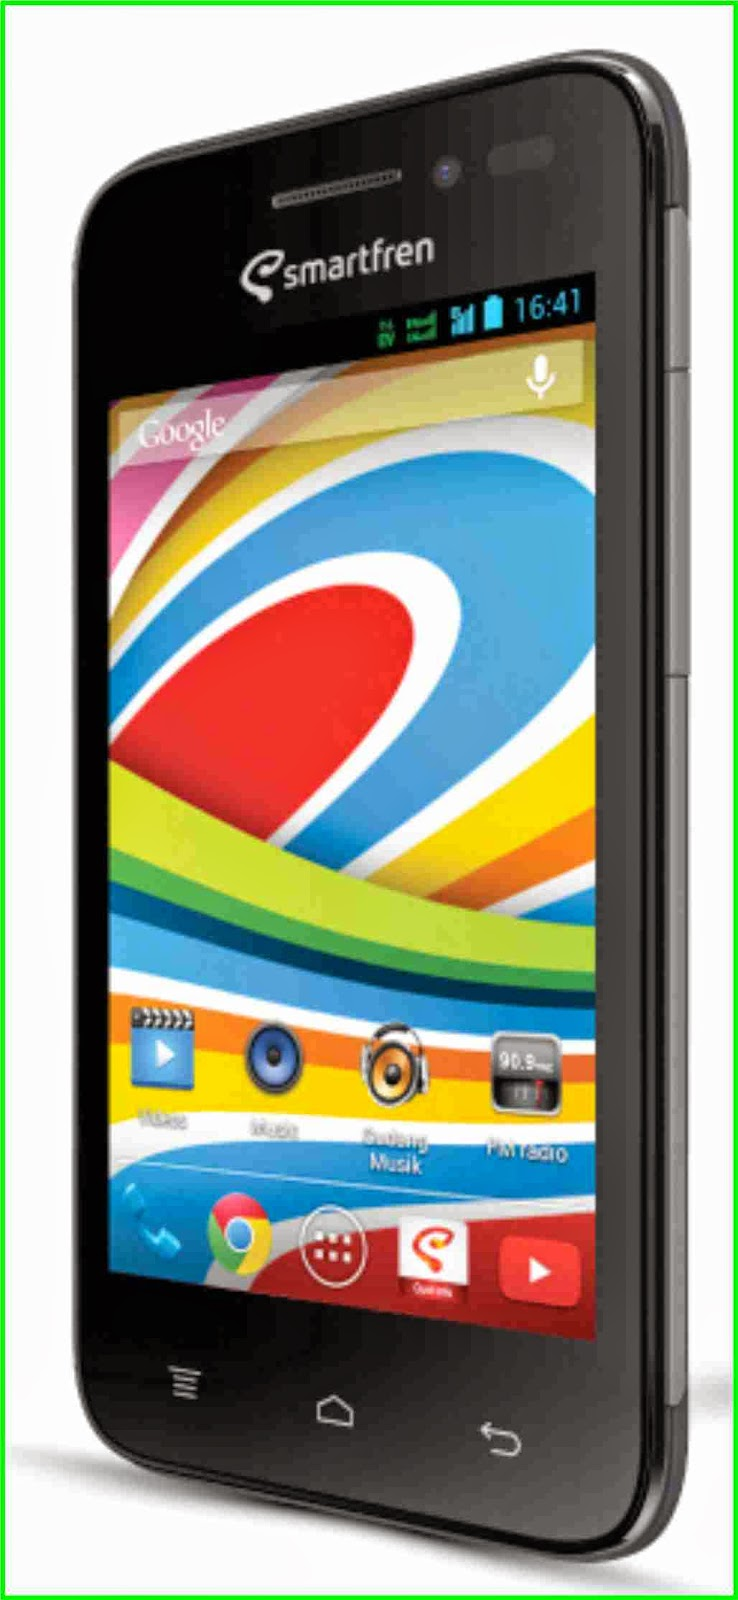 Mengenal Mobile Phone Murah Berbasis Android,smartfren andromax g,